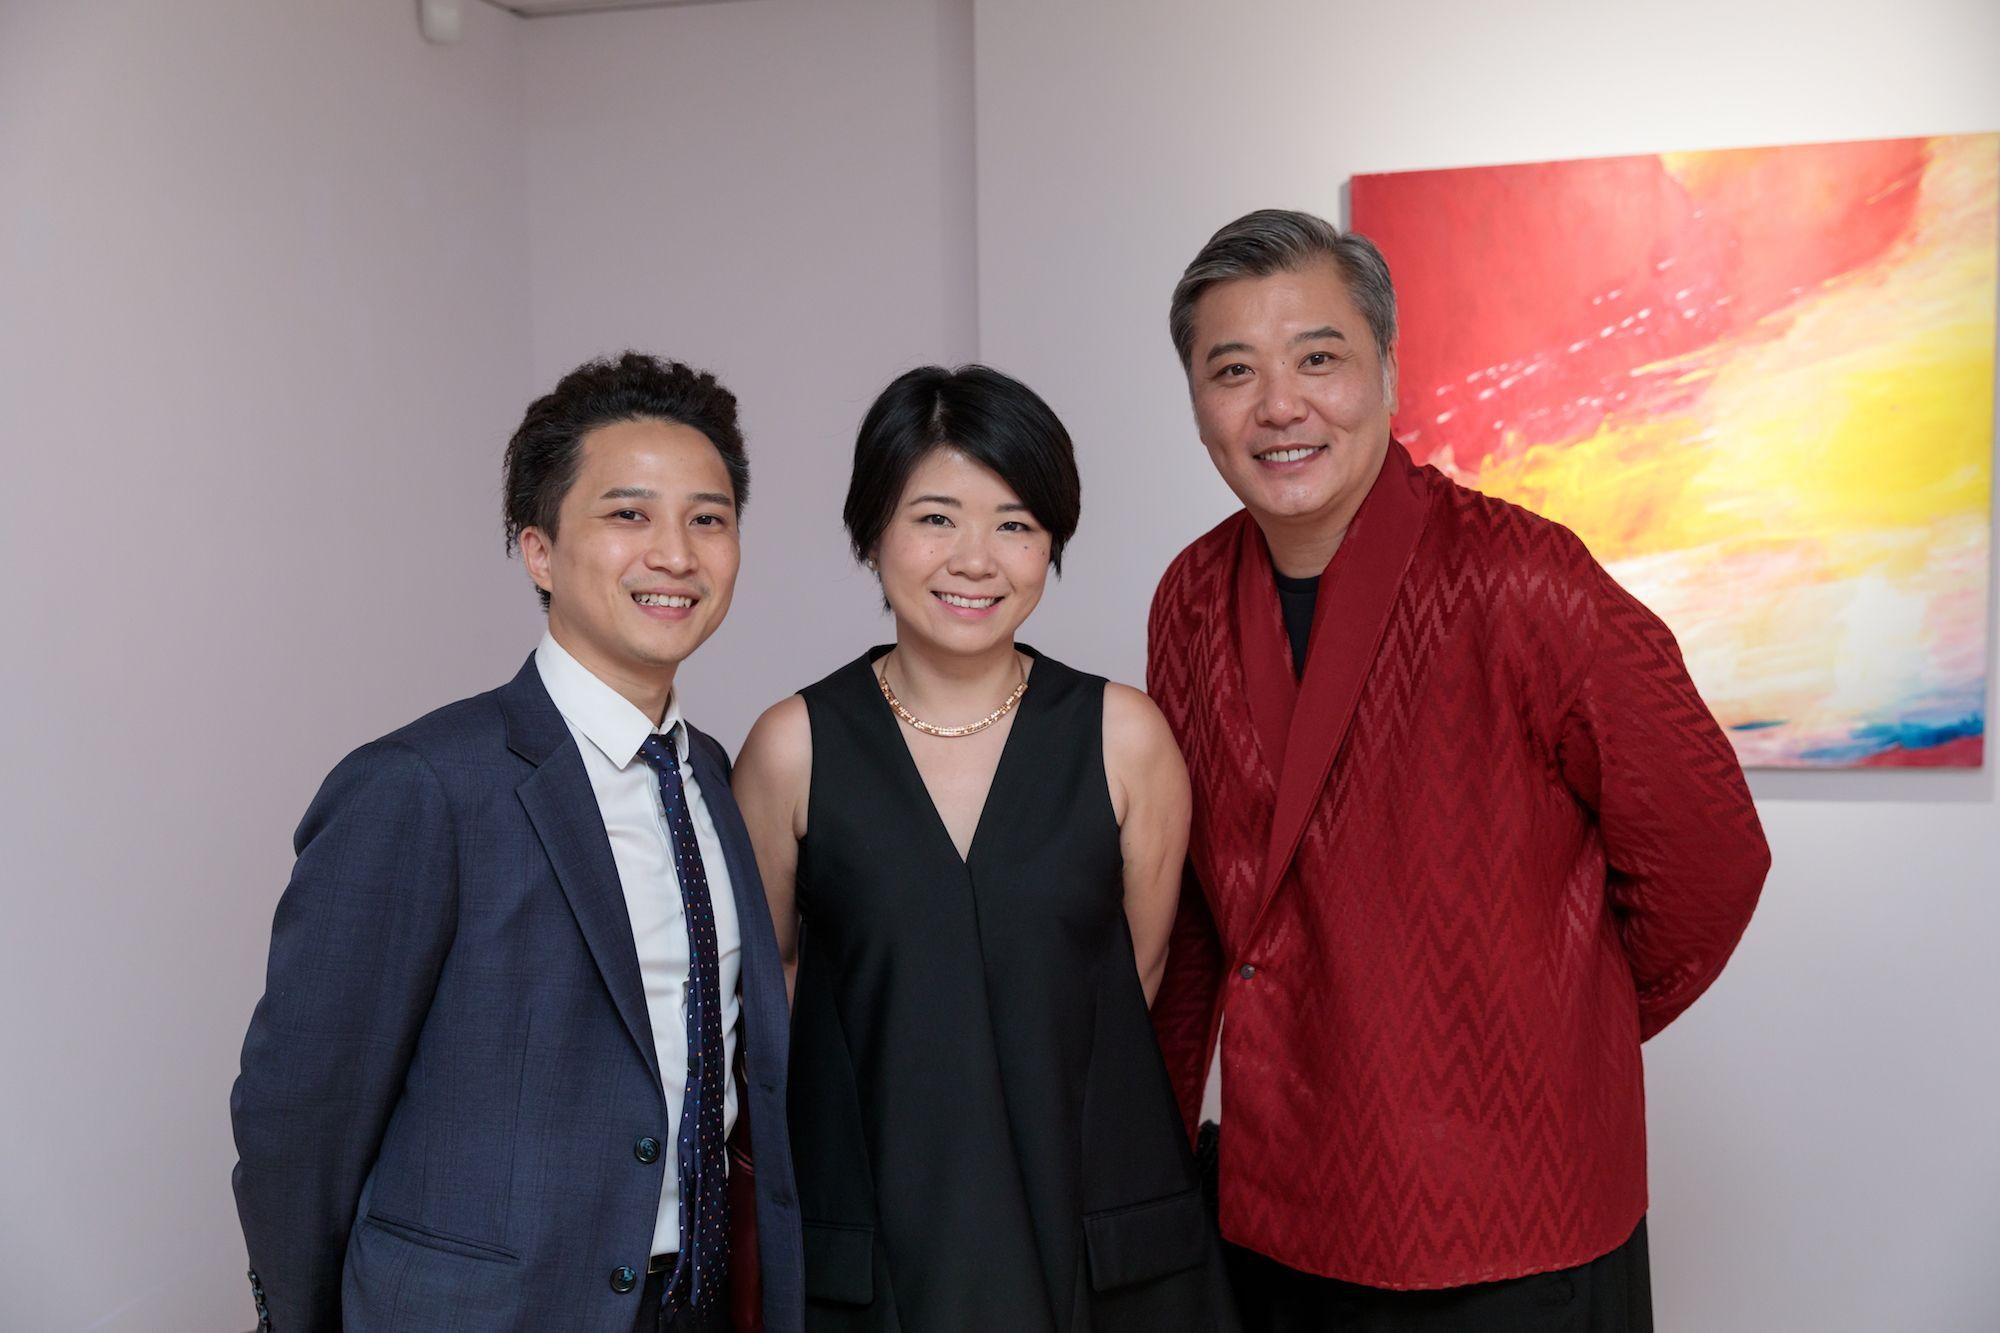 Howard Chung, Irene Cheng, Peter Cheung